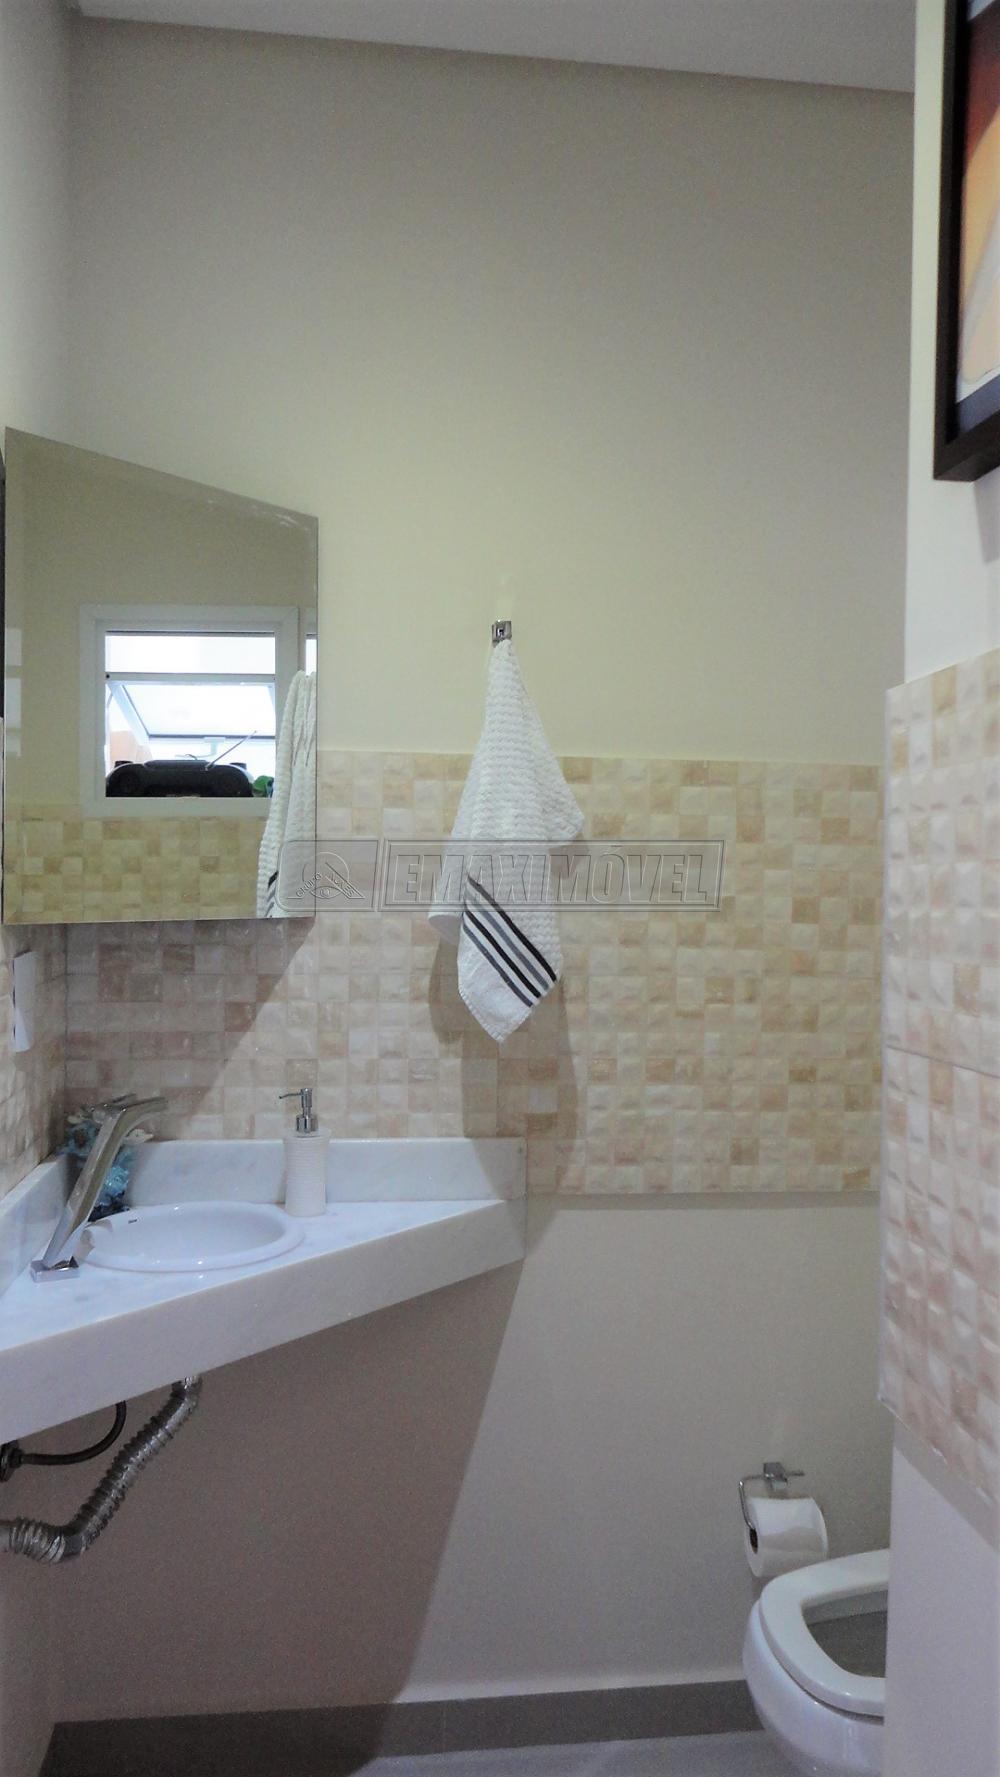 Comprar Casas / em Condomínios em Sorocaba apenas R$ 1.700.000,00 - Foto 27